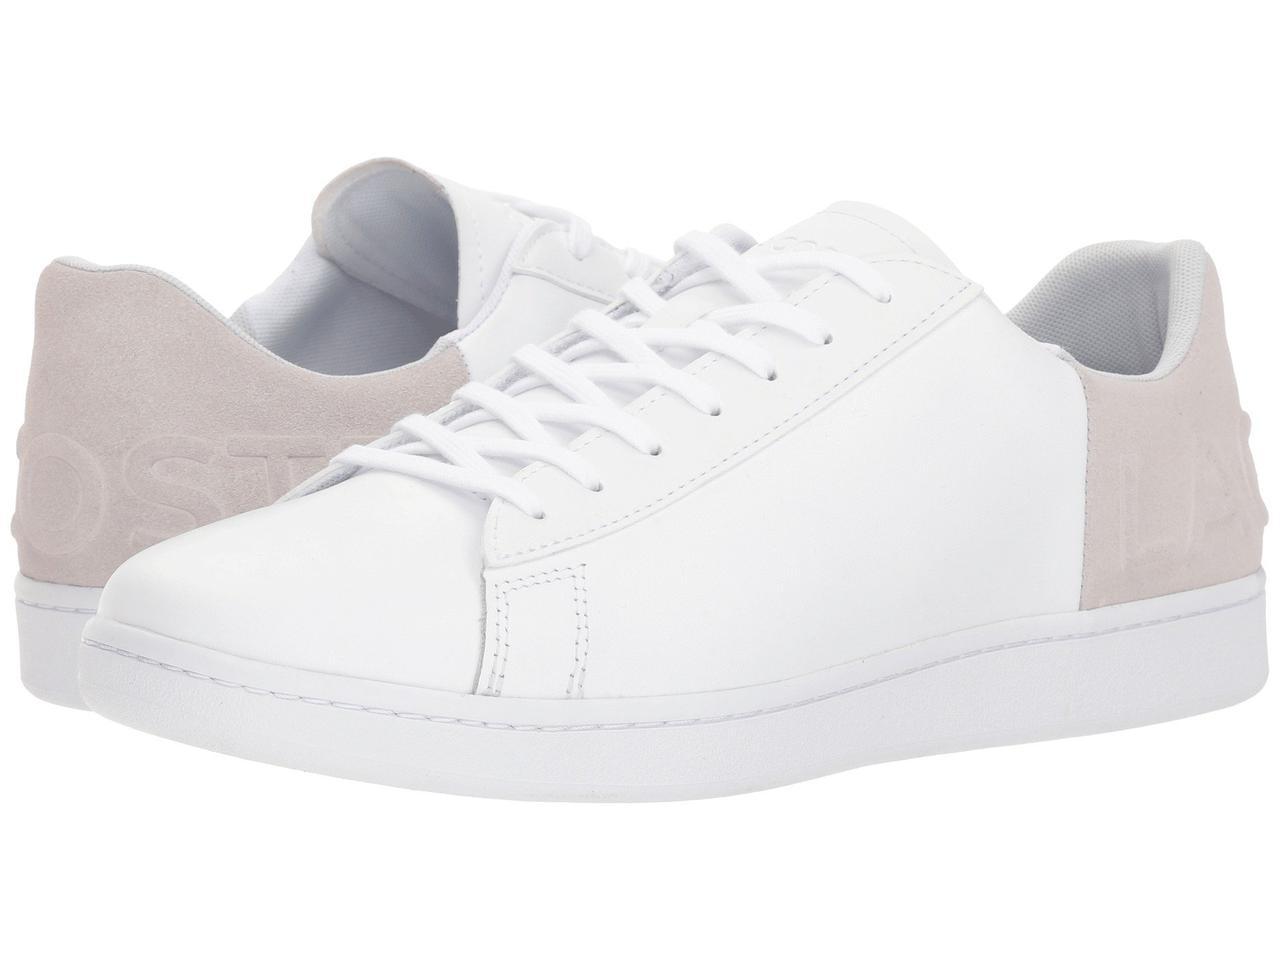 Кроссовки Кеды (Оригинал) Lacoste Carnaby Evo 318 6 White Light Grey ... 6c578cd5819